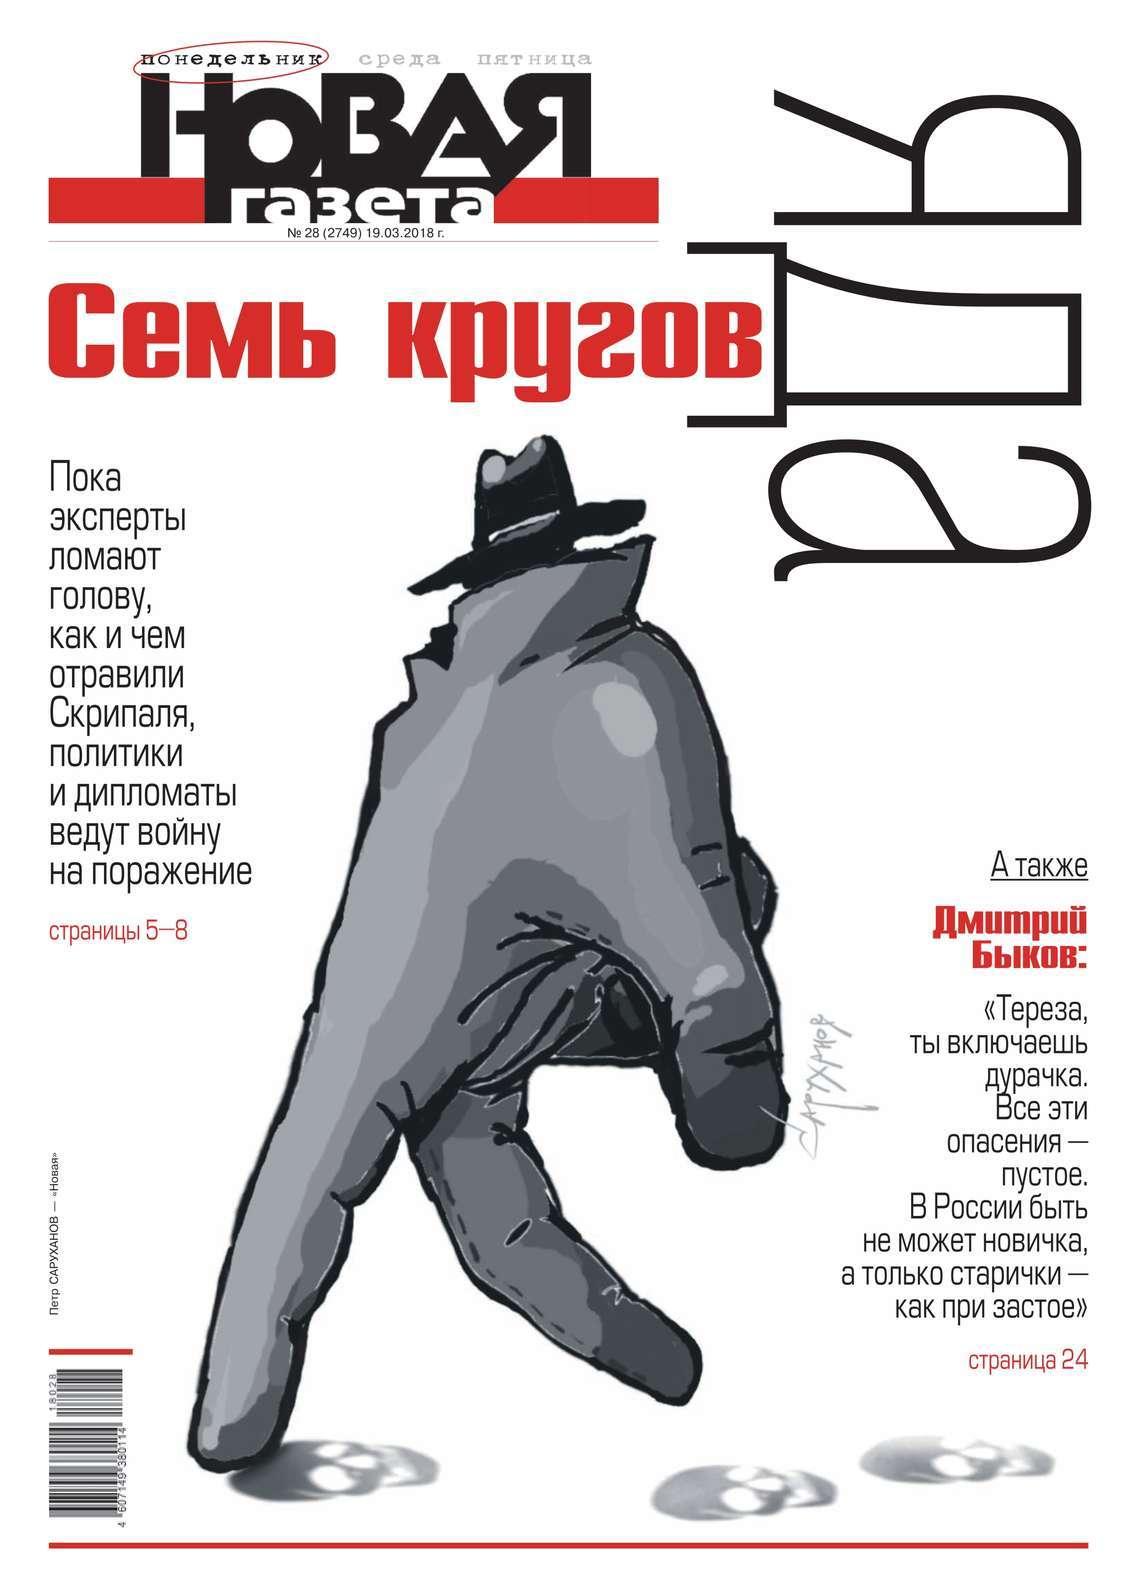 Редакция газеты Новая газета Novaya Gazeta 28-2018